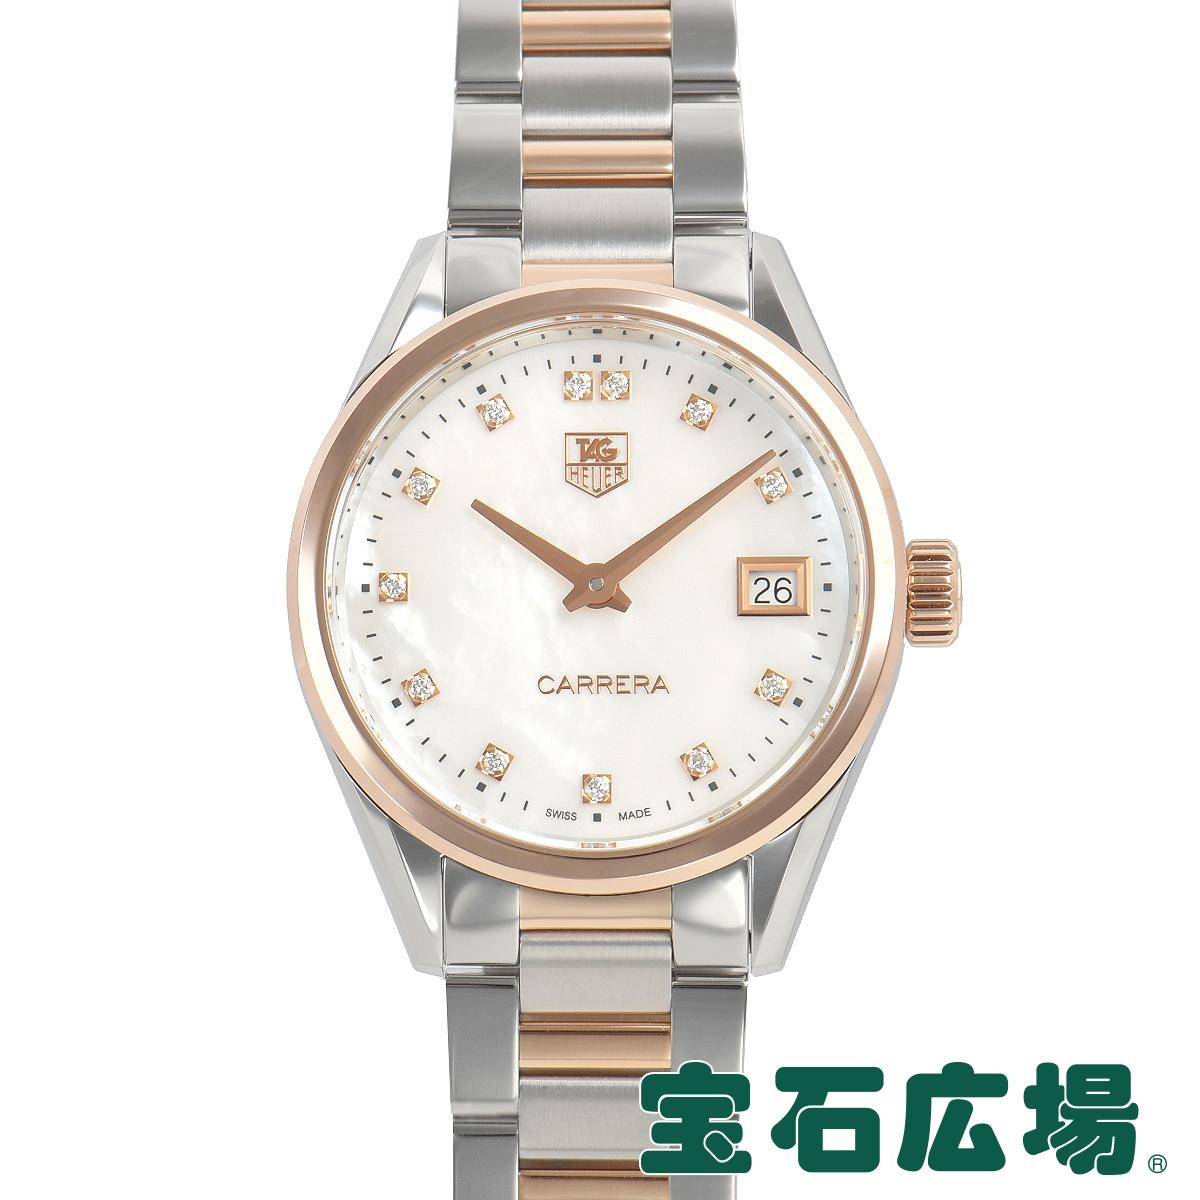 タグ・ホイヤー TAG HEUER カレラ WAR1352.BD0779【中古】レディース 腕時計 送料無料